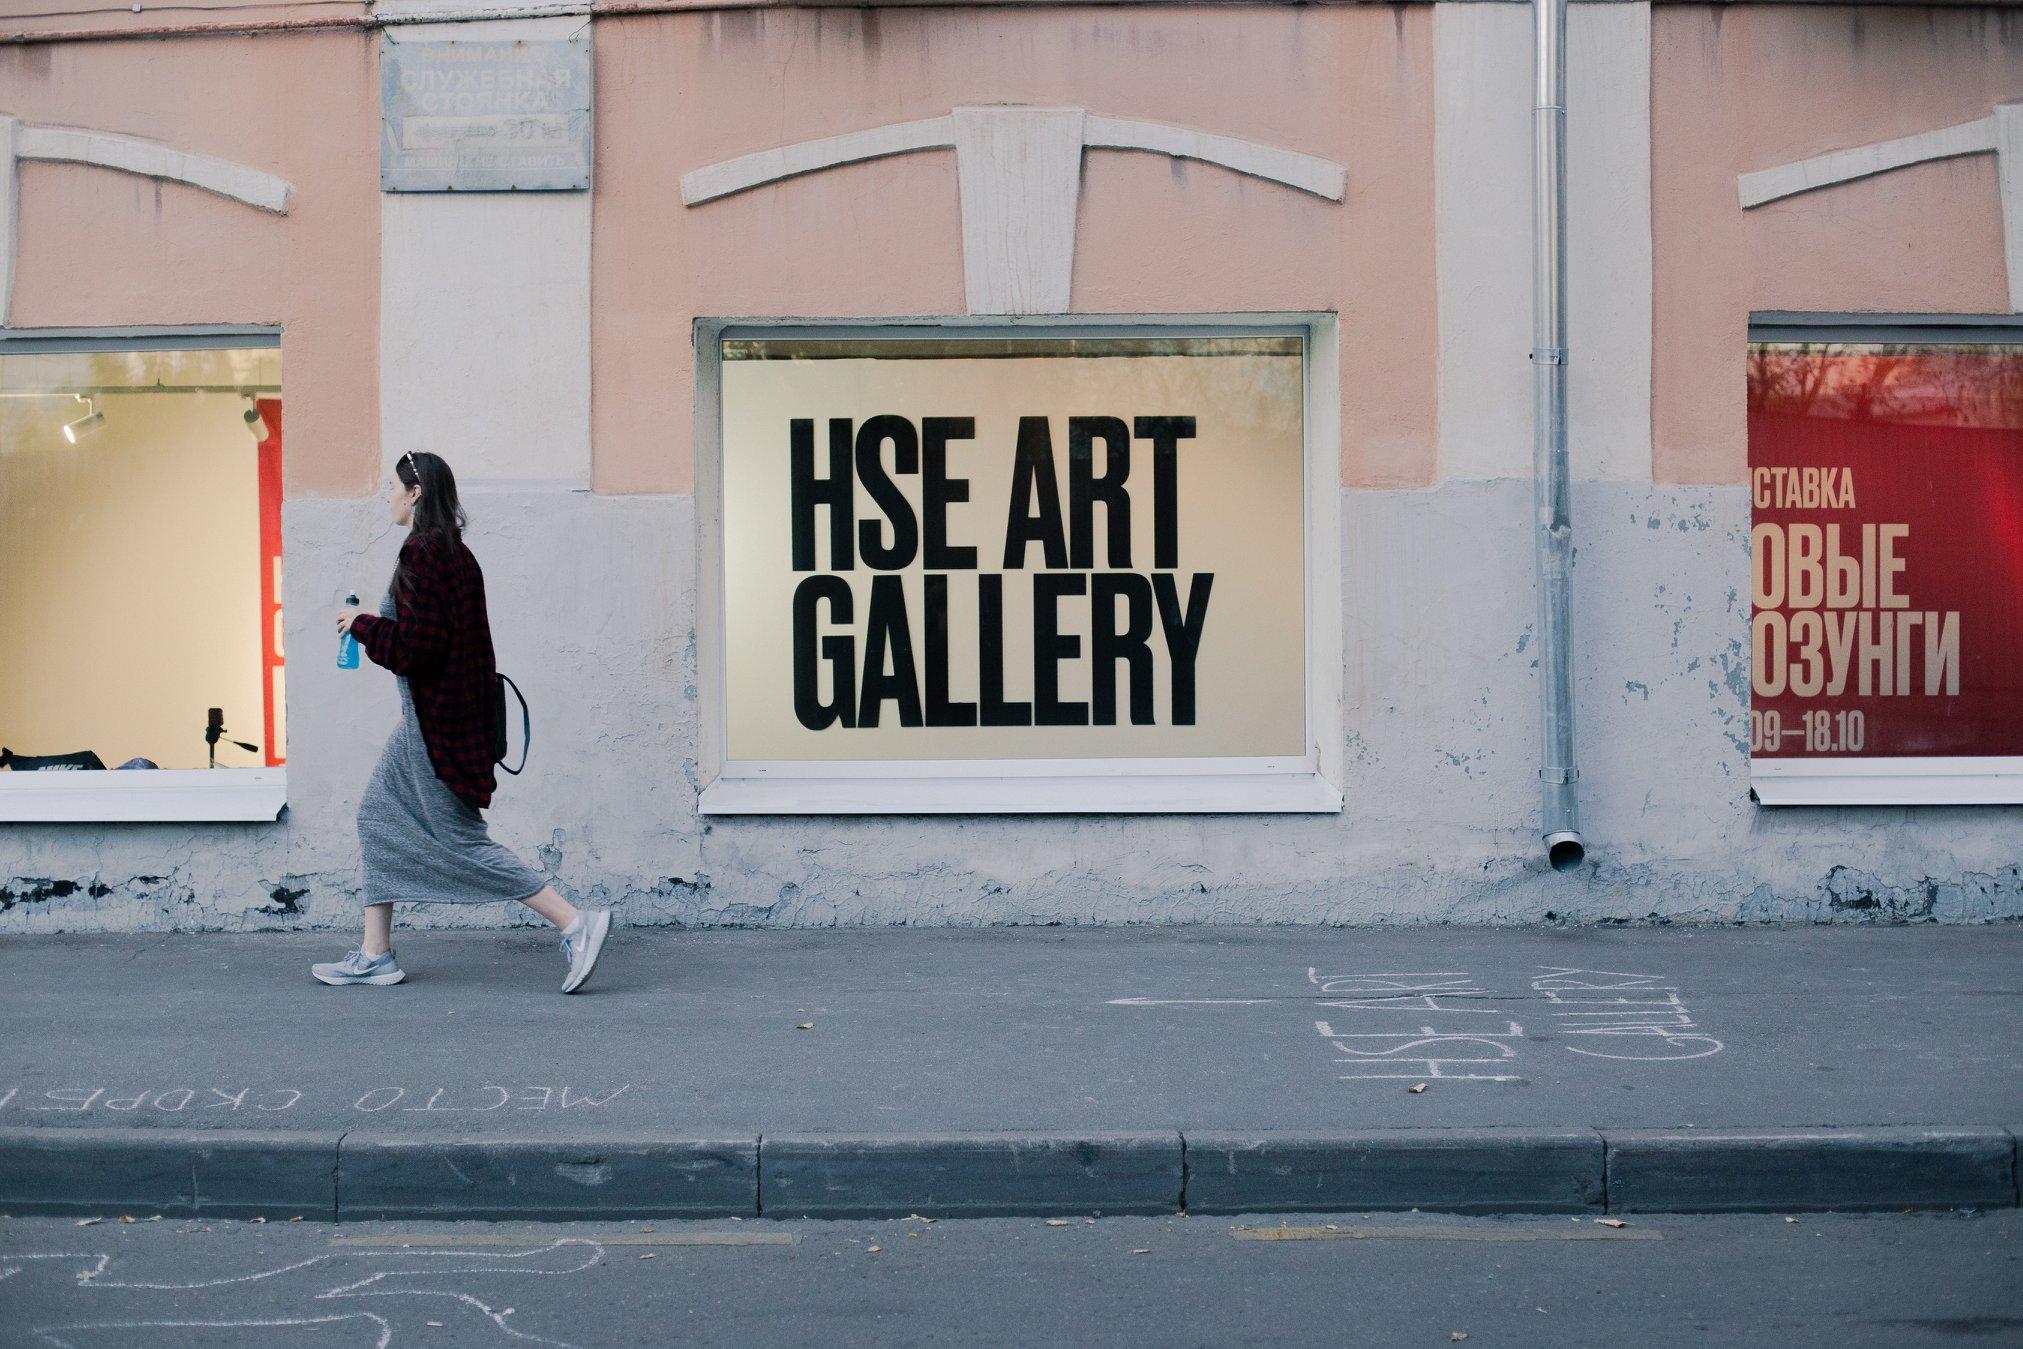 Школа дизайна ВШЭ открыла галерею современного искусства